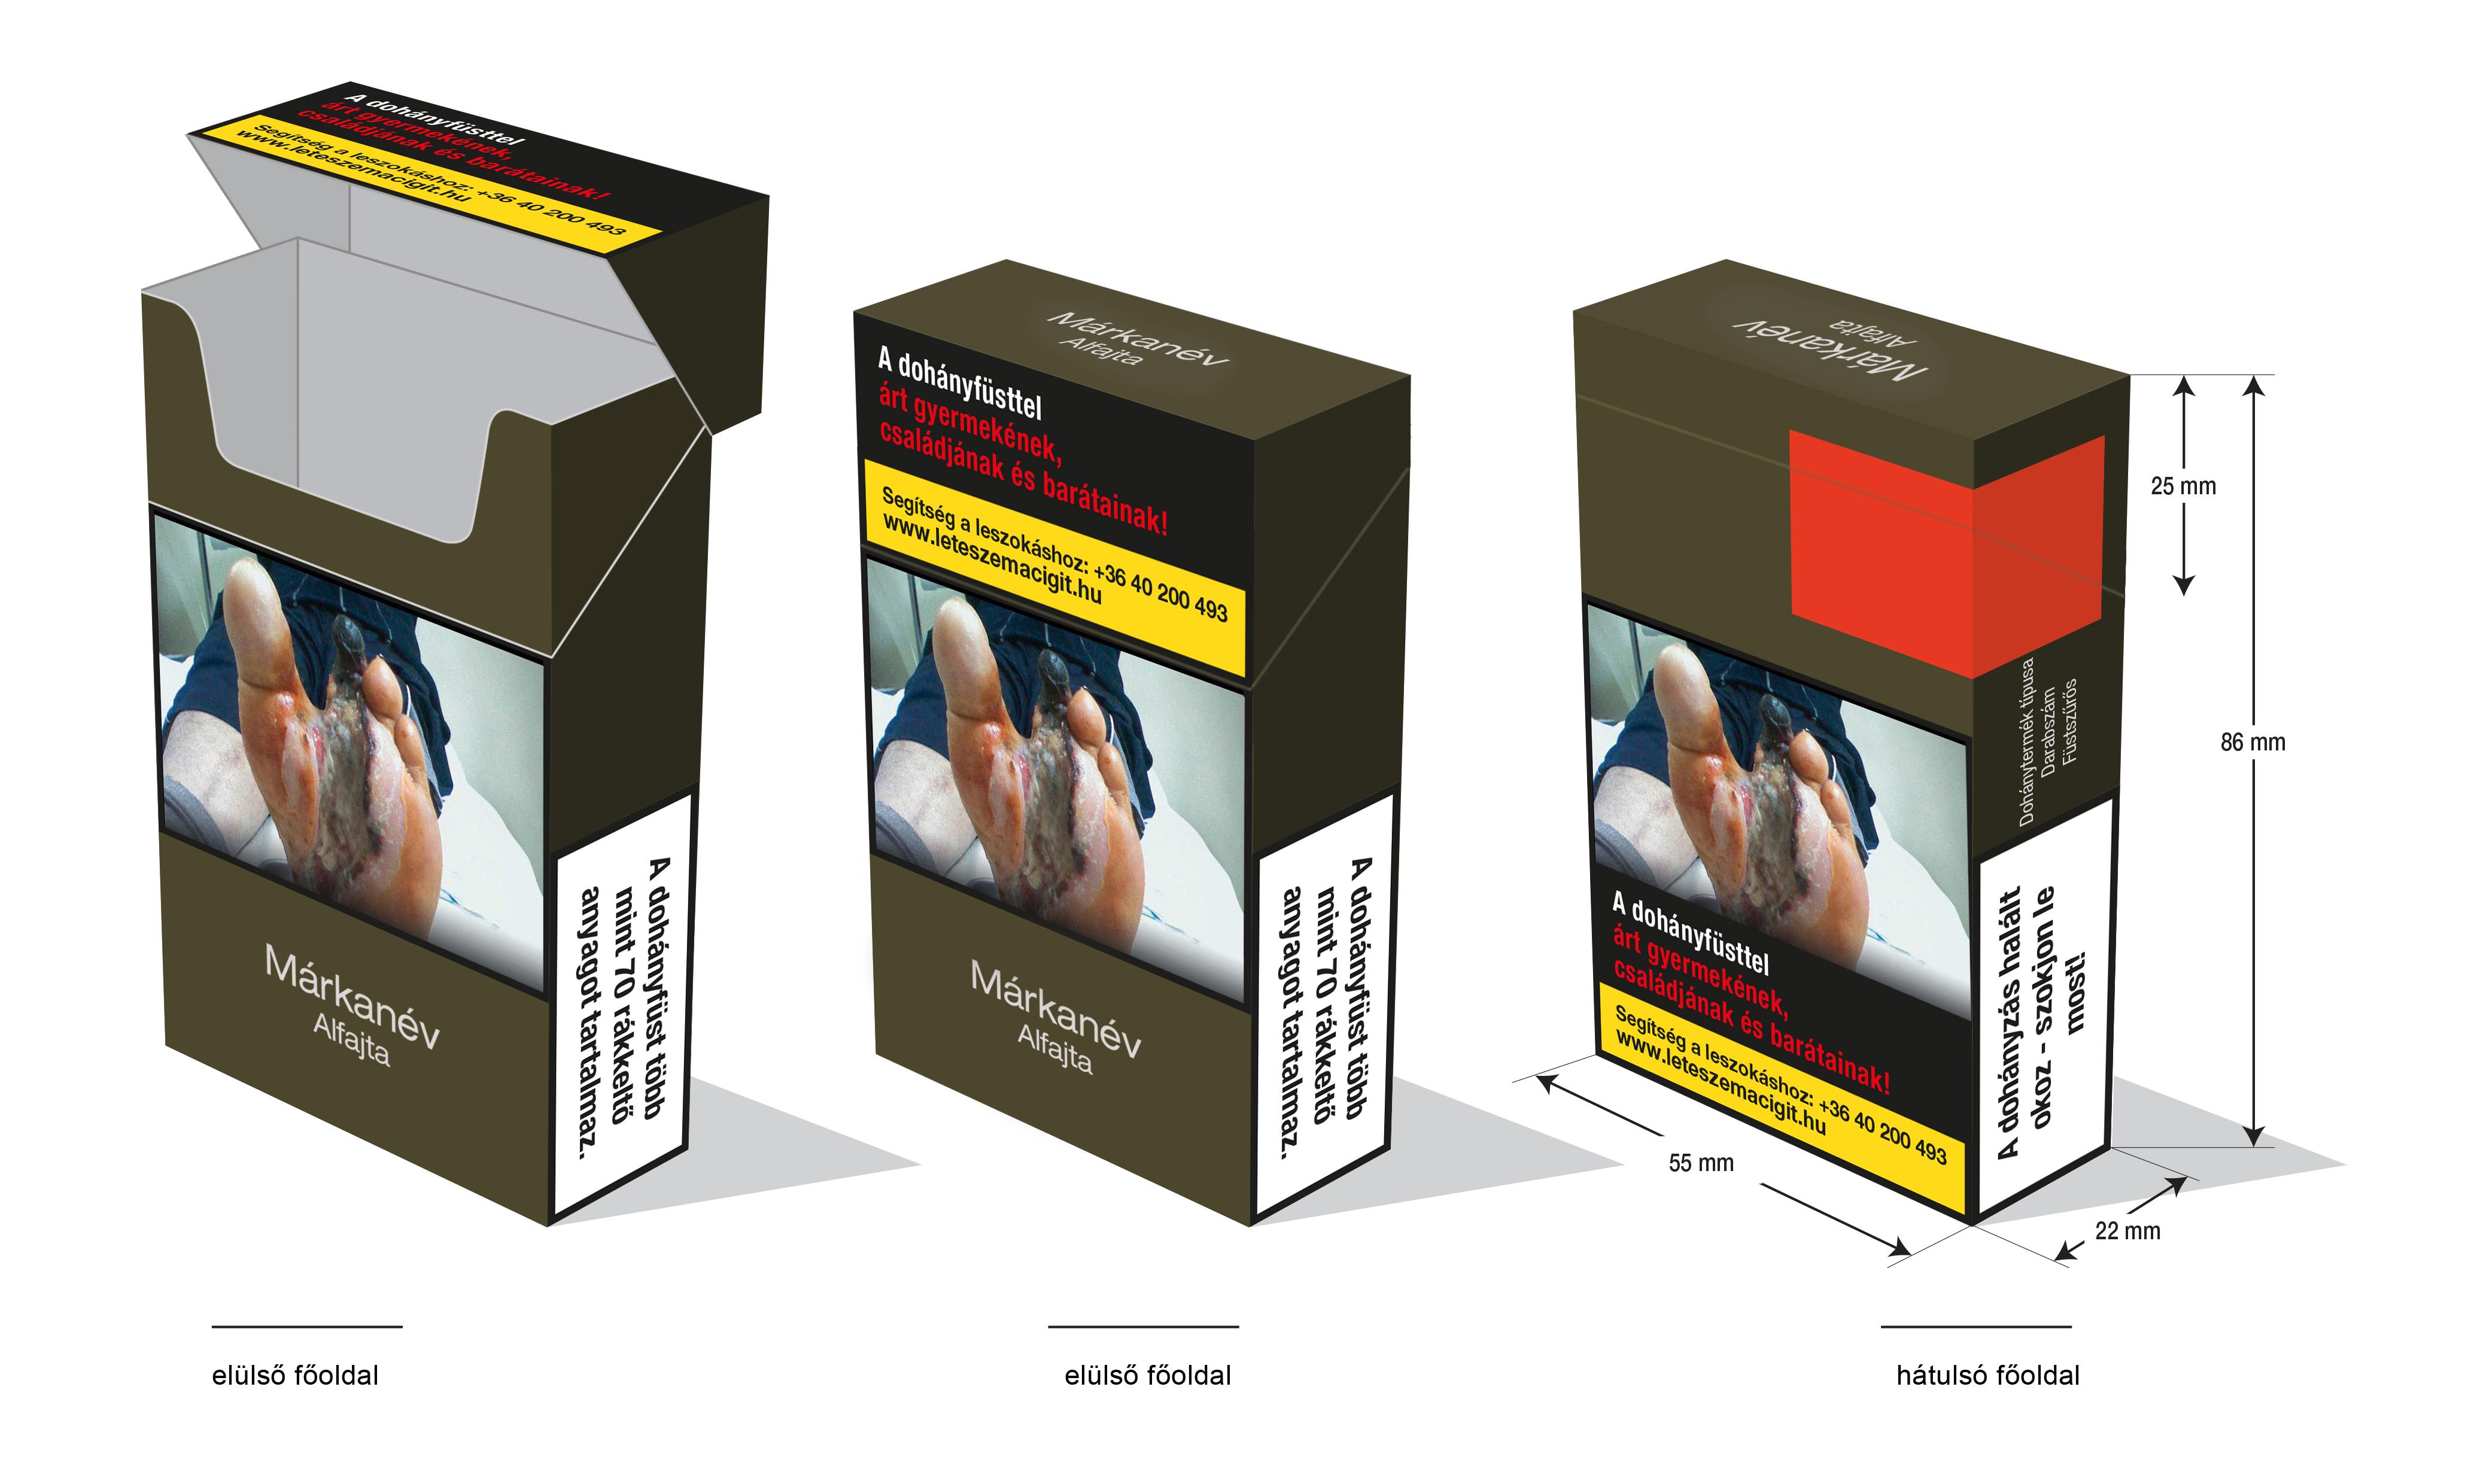 dohányzás-ellenőrzési terv